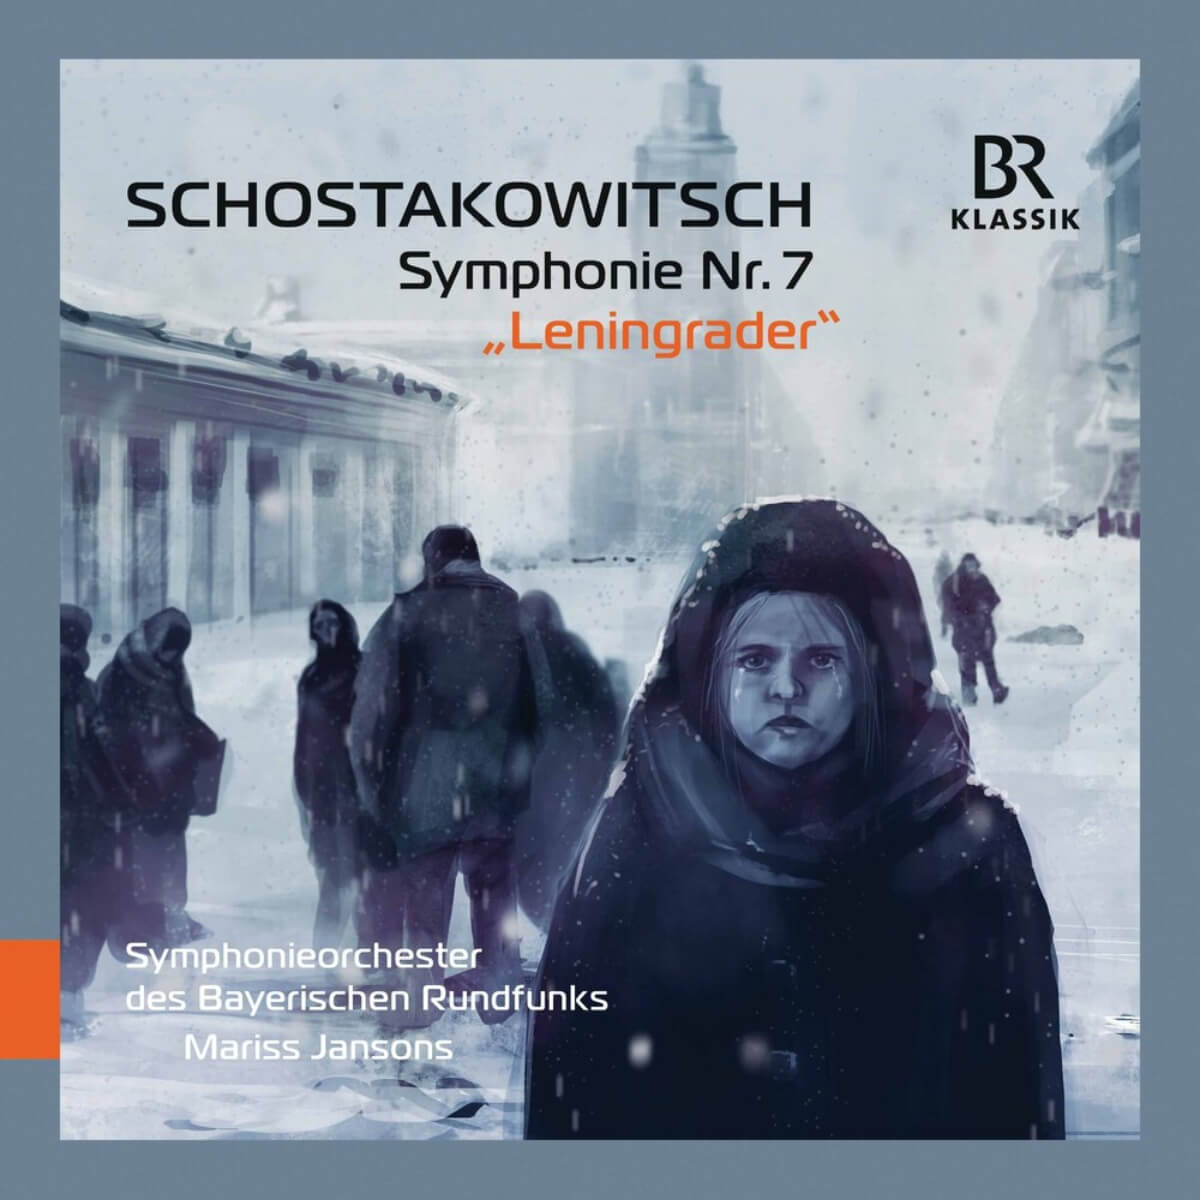 Mariss Jansons et l'Orchestre symphonique de la radio bavaroise dans la Symphonie no 7 de Chostakovitch.